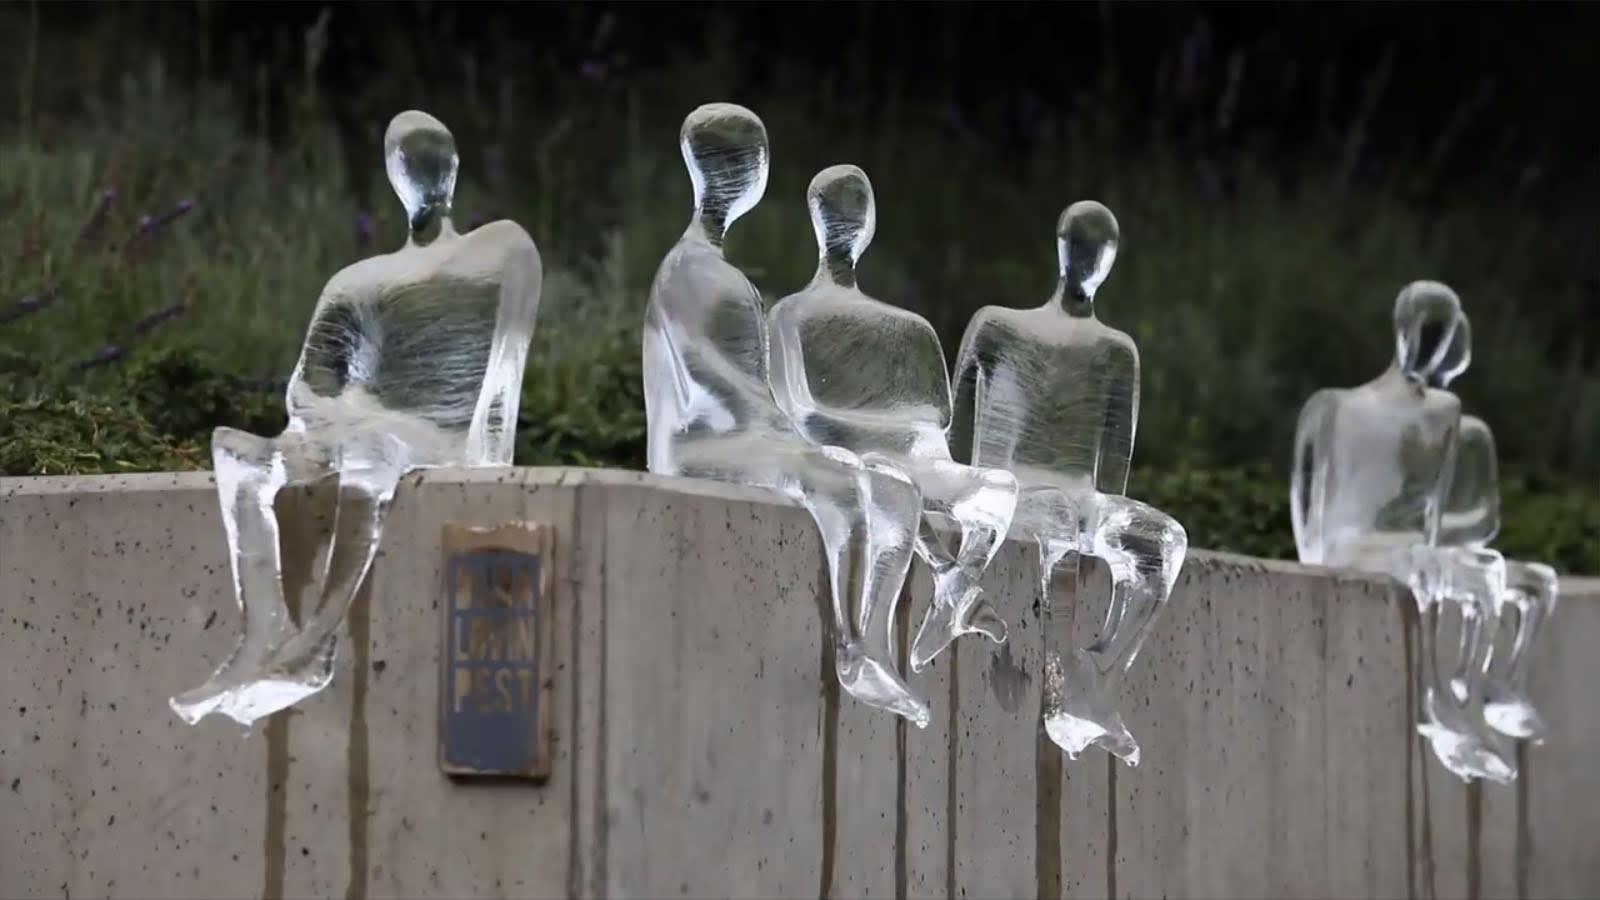 2020-at várhatóan az eddigi legmelegebb évként kell elkönyvelnünk